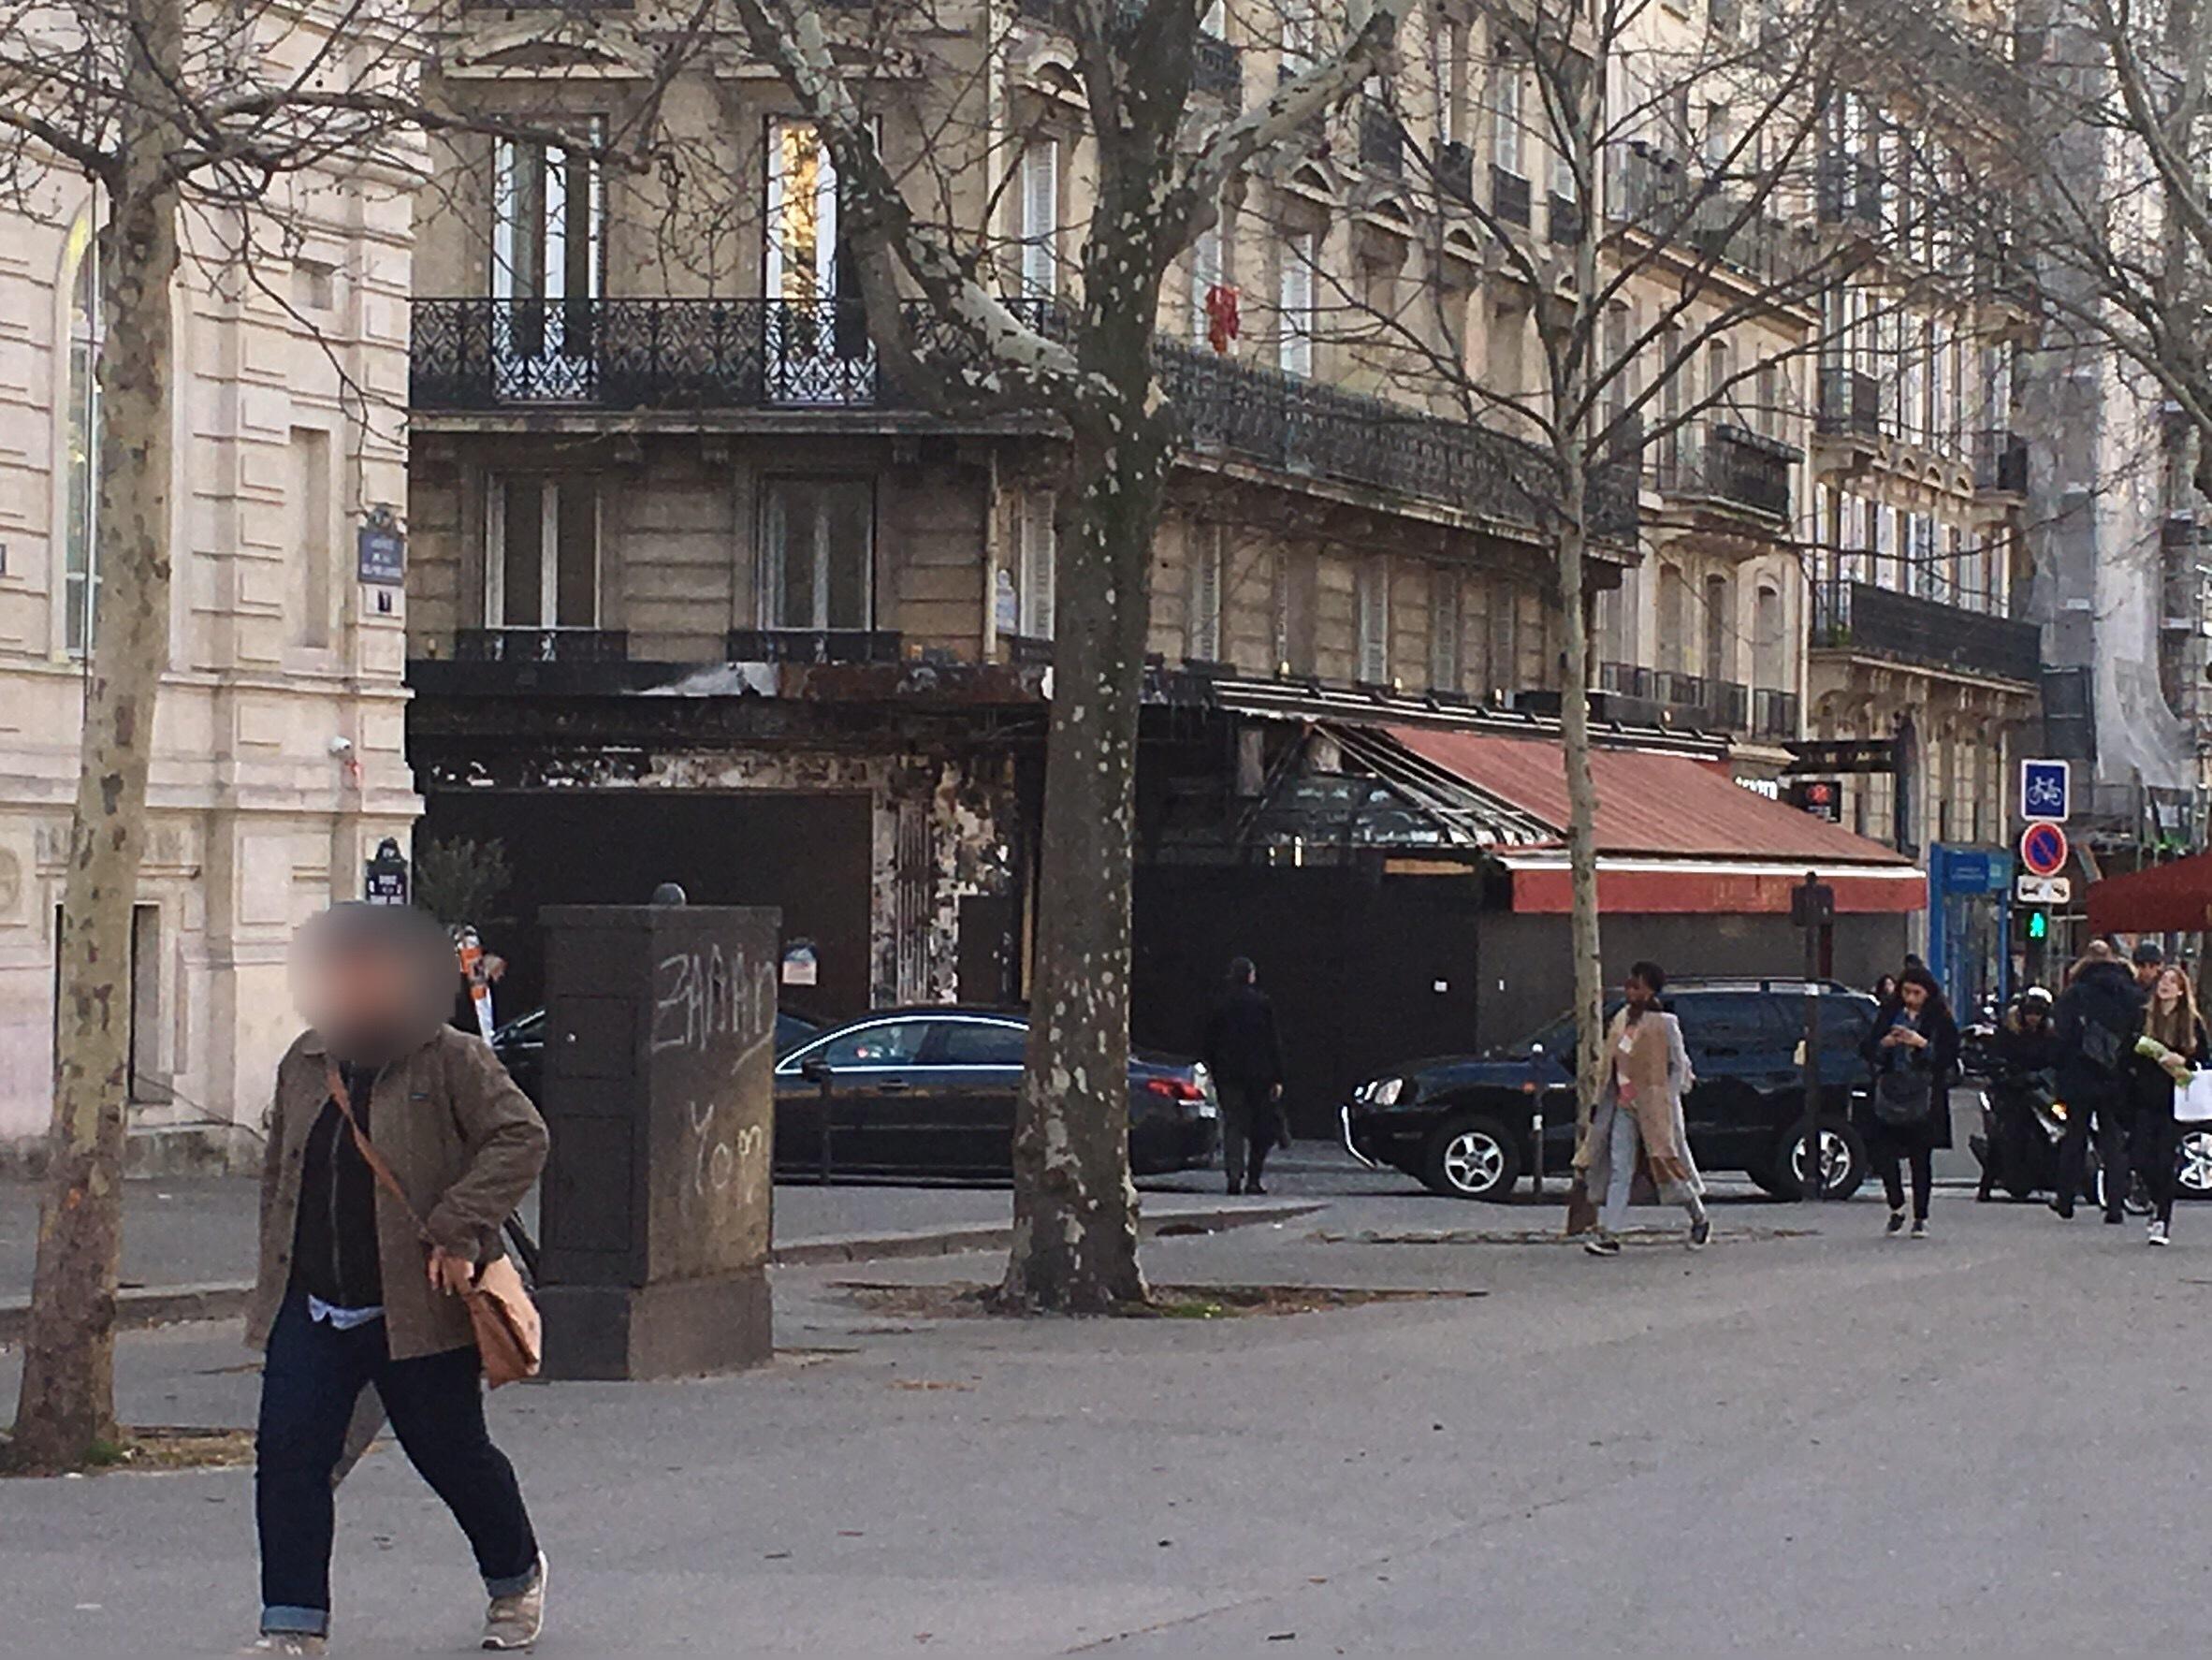 これからフランス旅行を考えている人に見て欲しいブログ①〜フランスこんな国でした〜_1_6-2